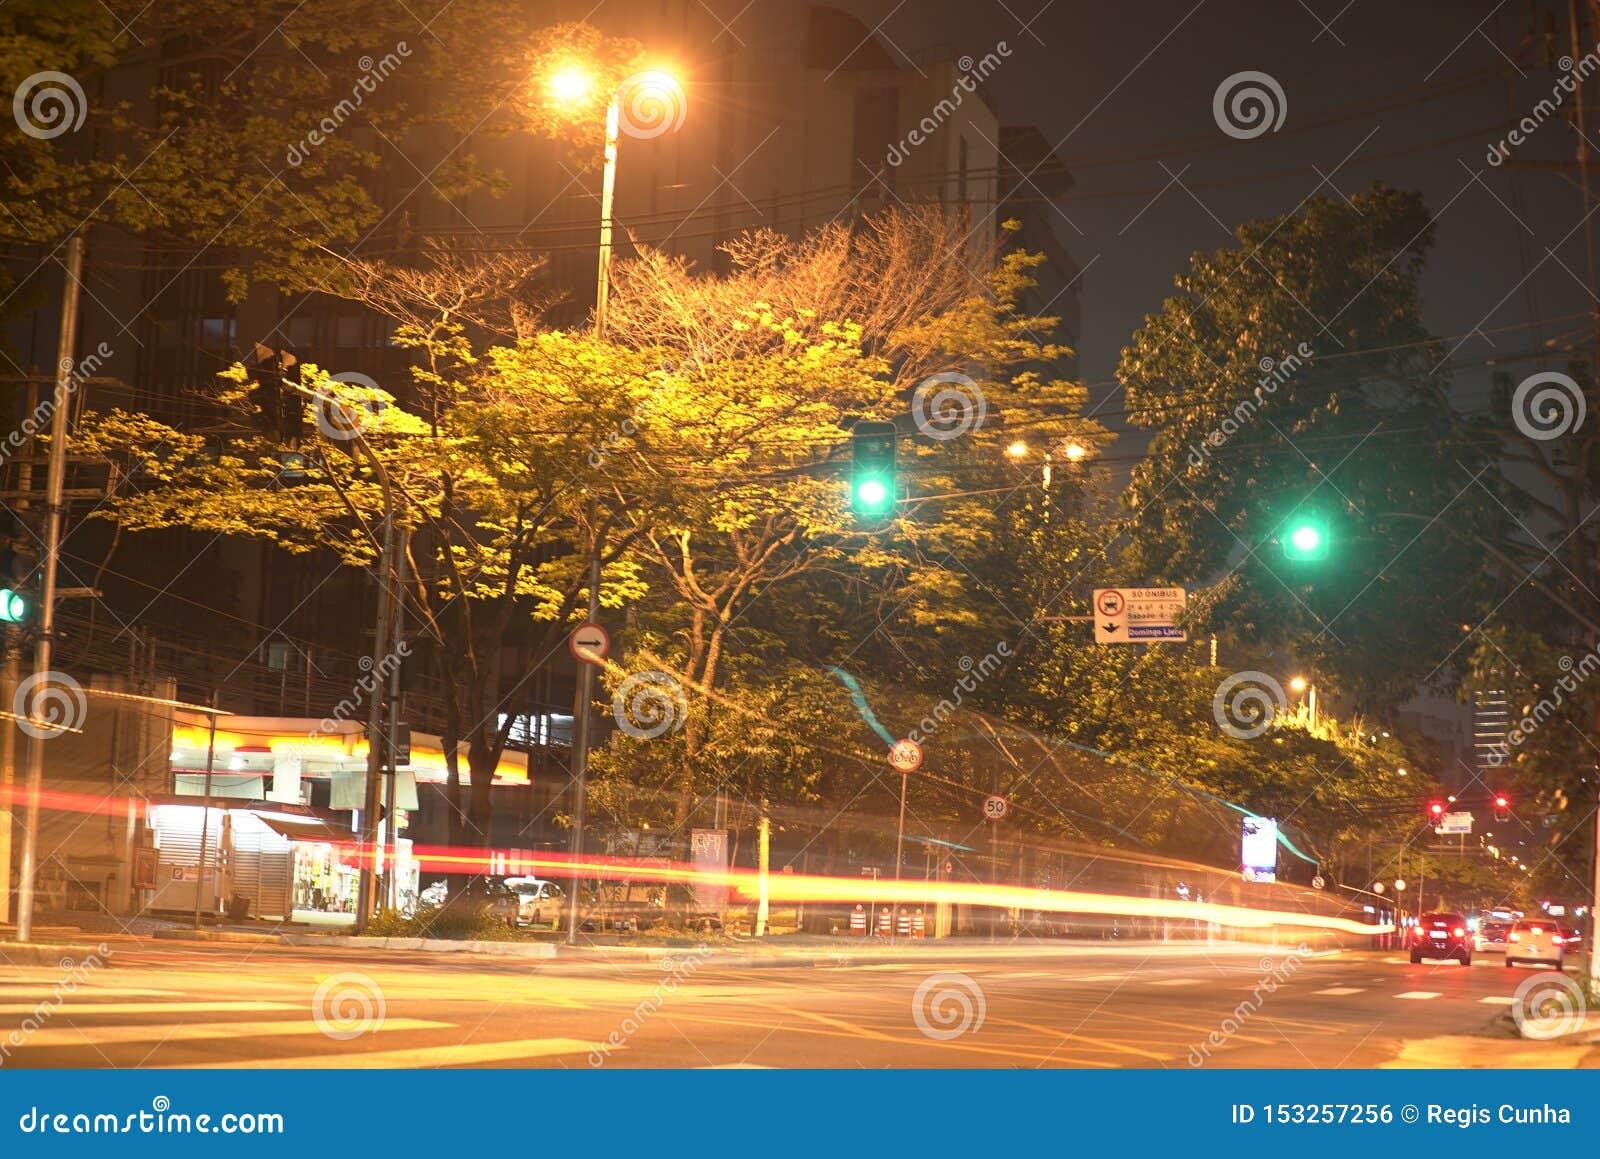 Timelapse в nigth, красивом городском пейзаже с автомобили, мотоциклах и движении на дороге